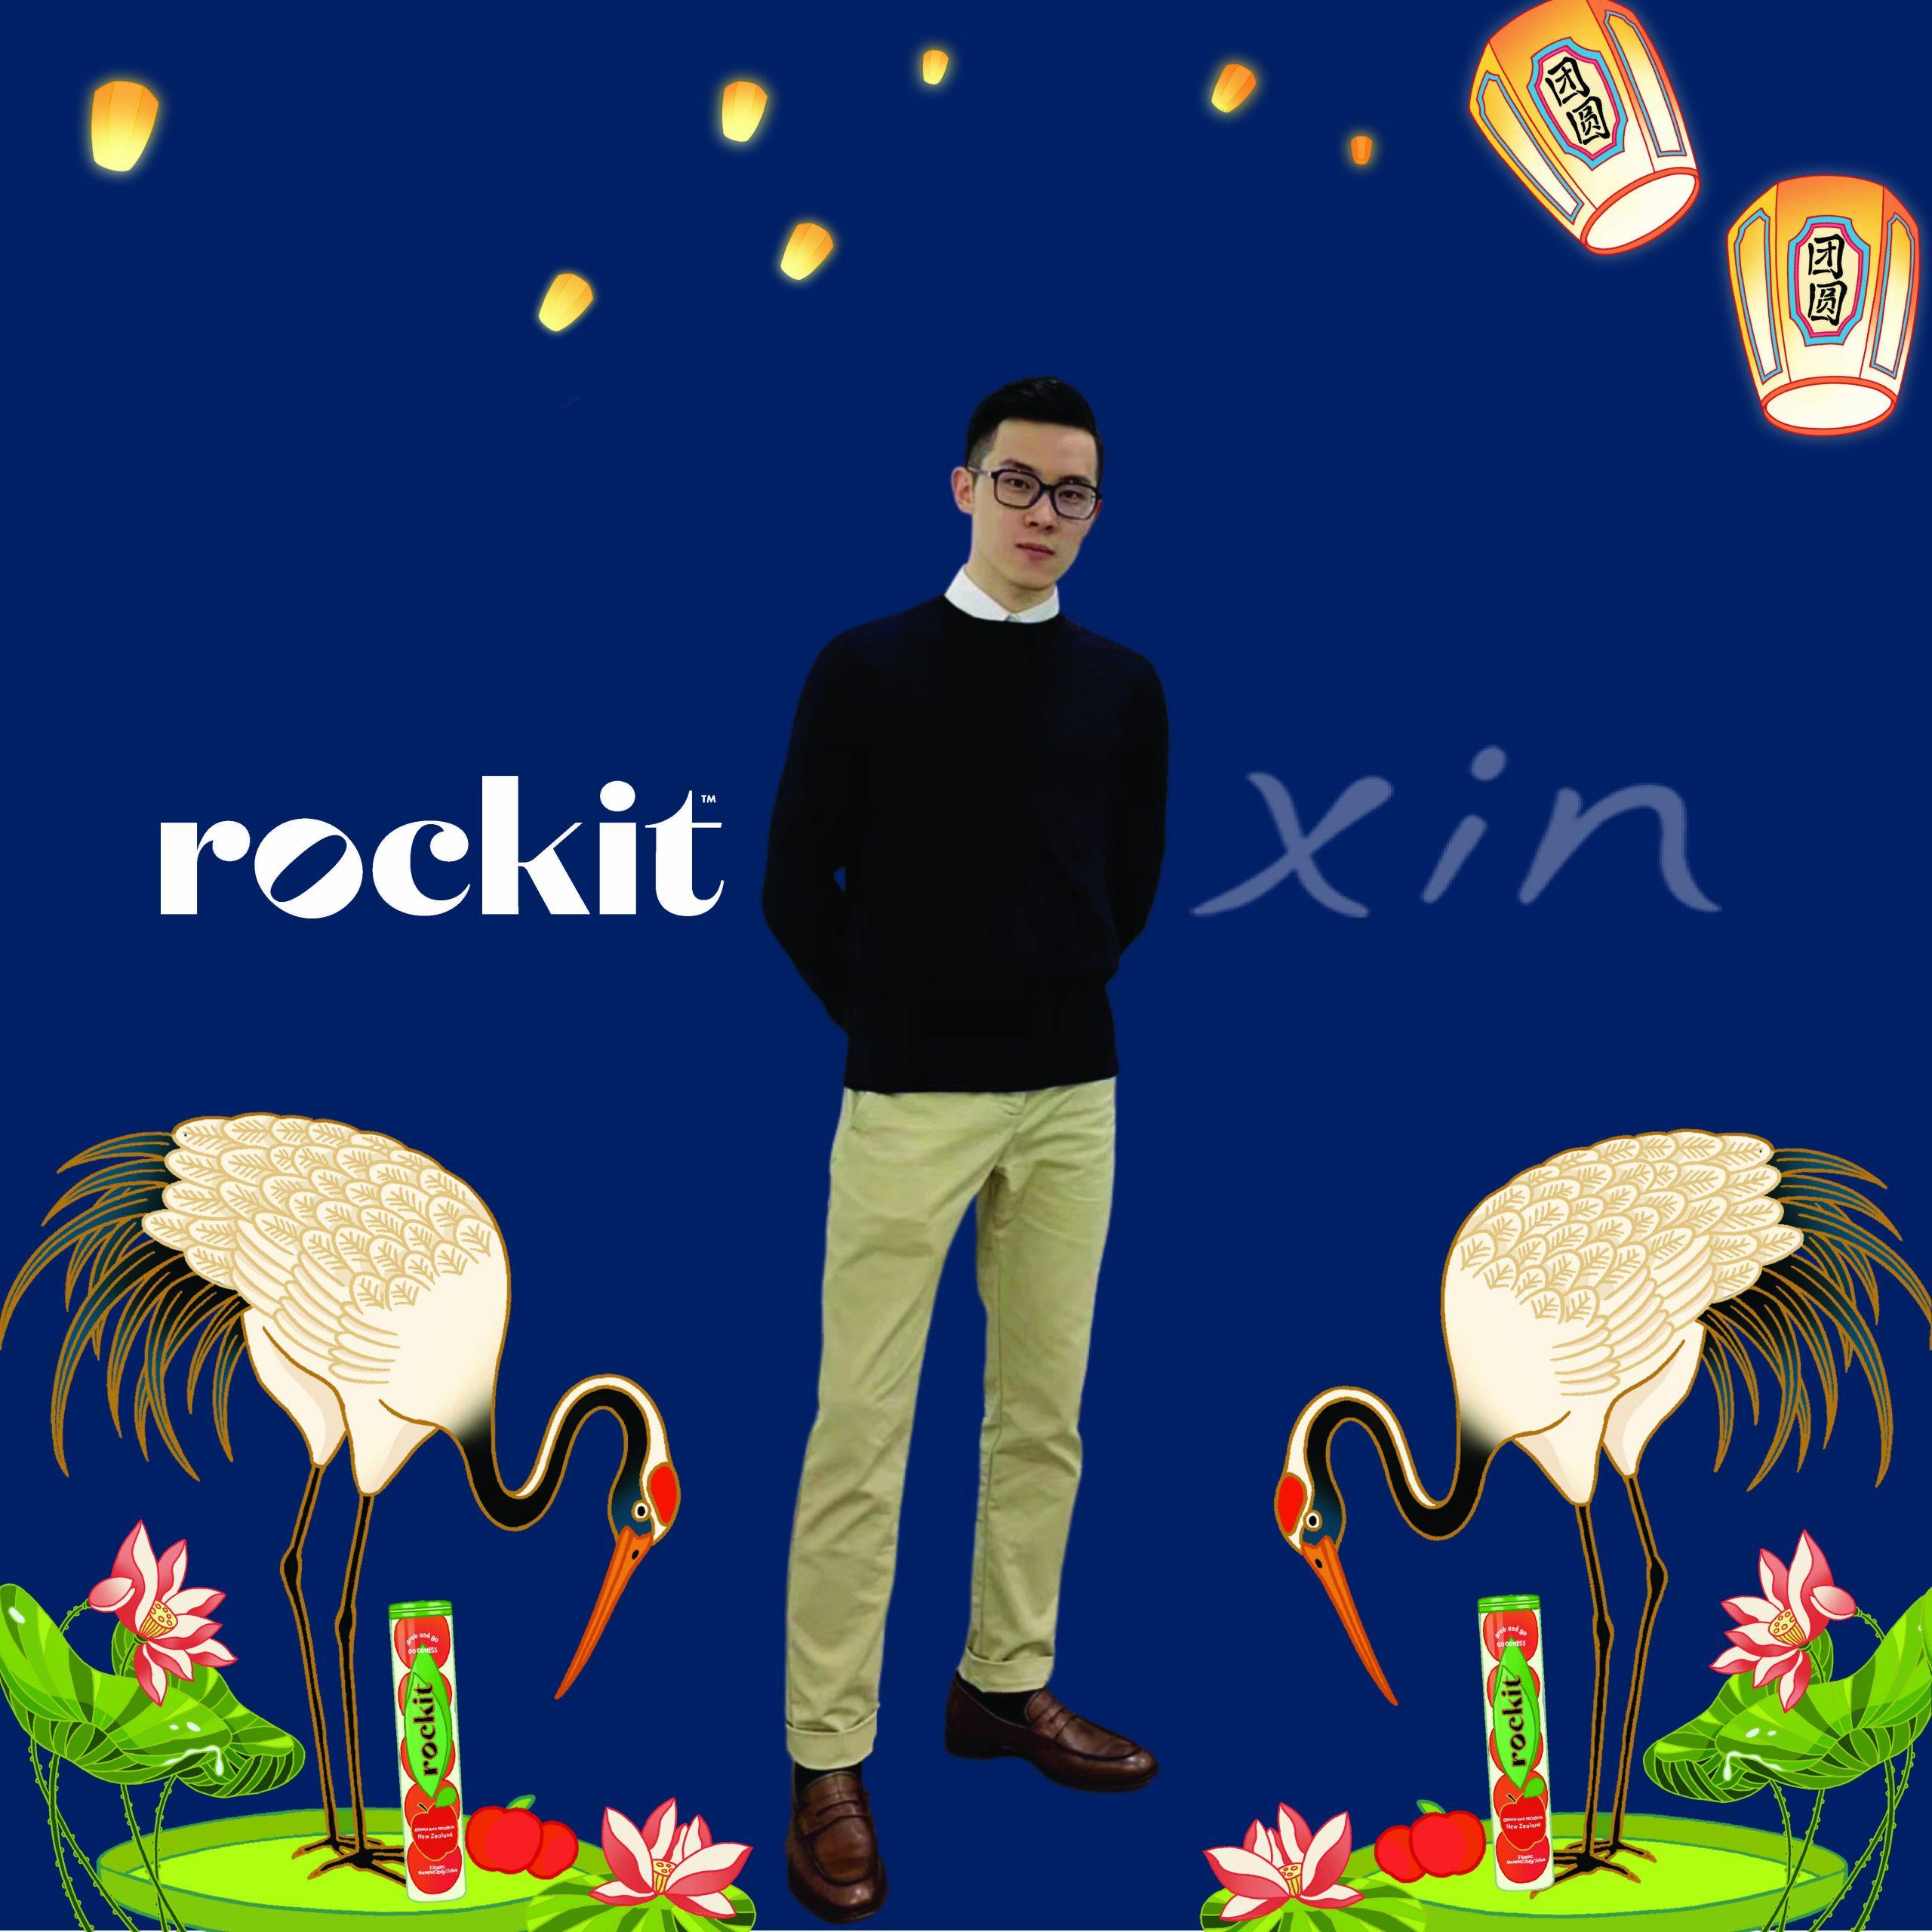 Rockit x Yixin - MAF